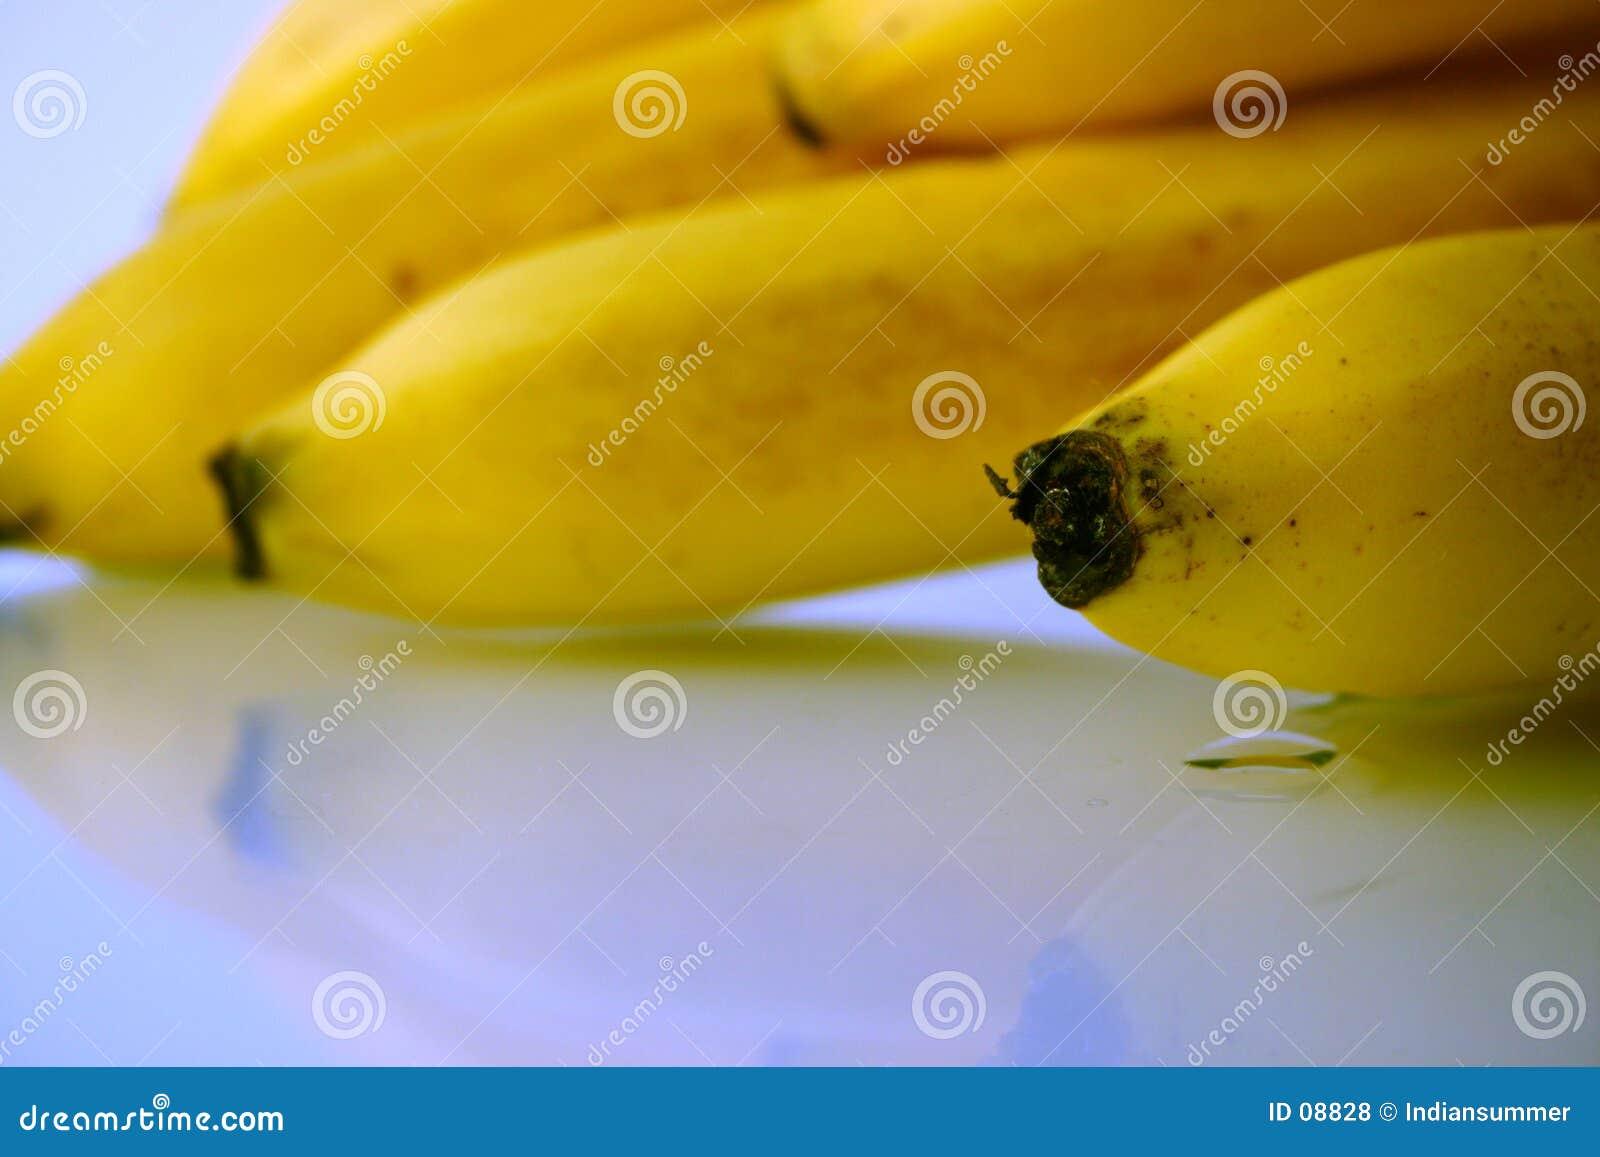 Blisko do banana